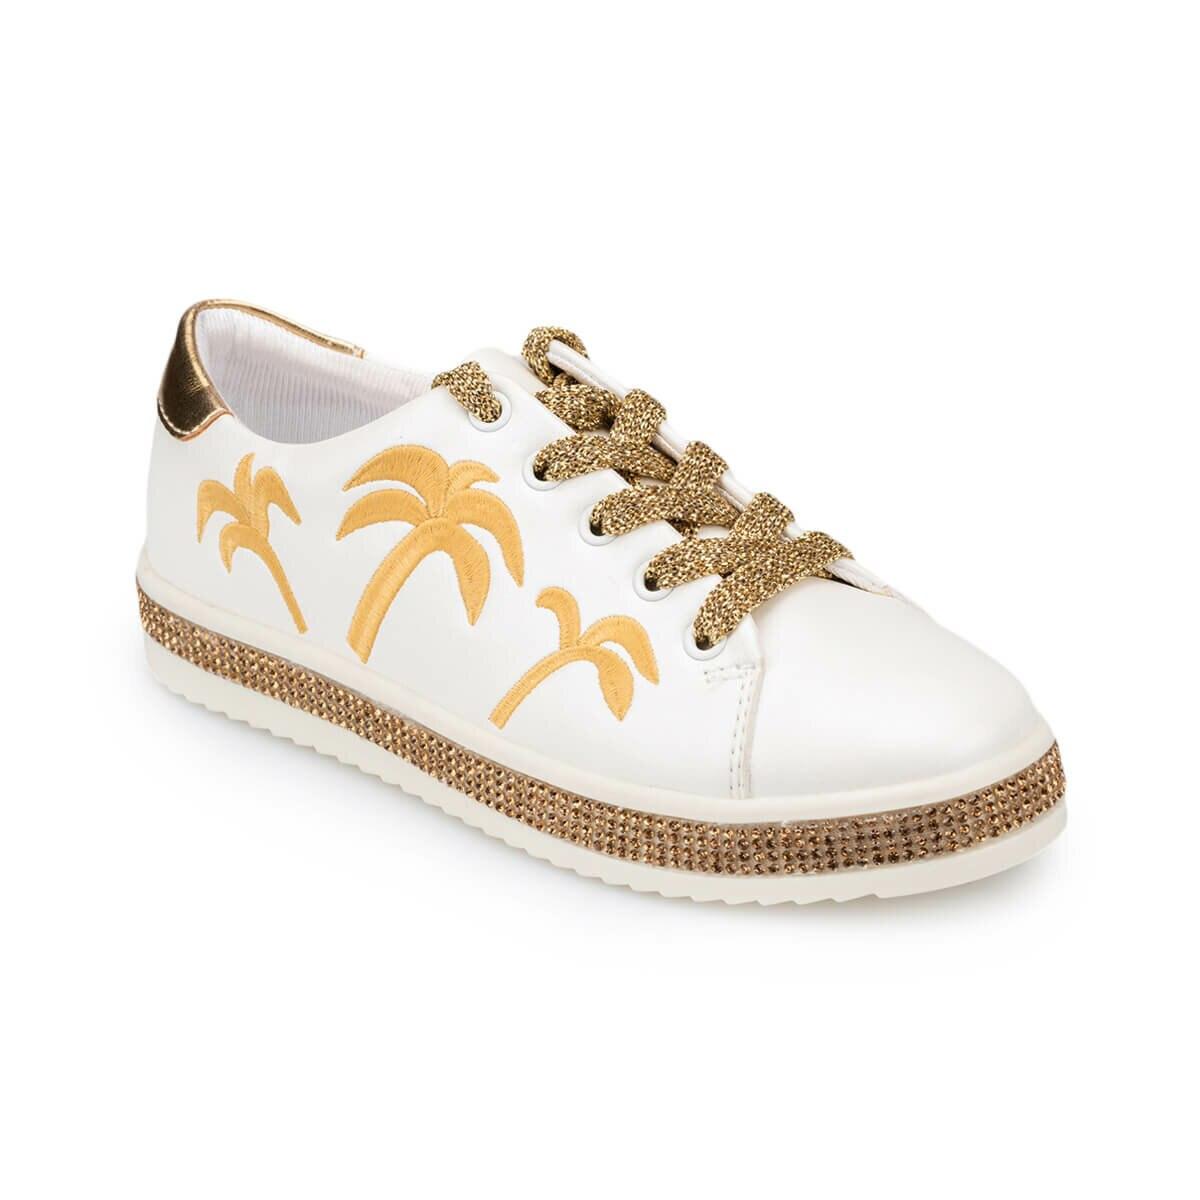 FLO 91.511243.F White Female Child Shoes Polaris